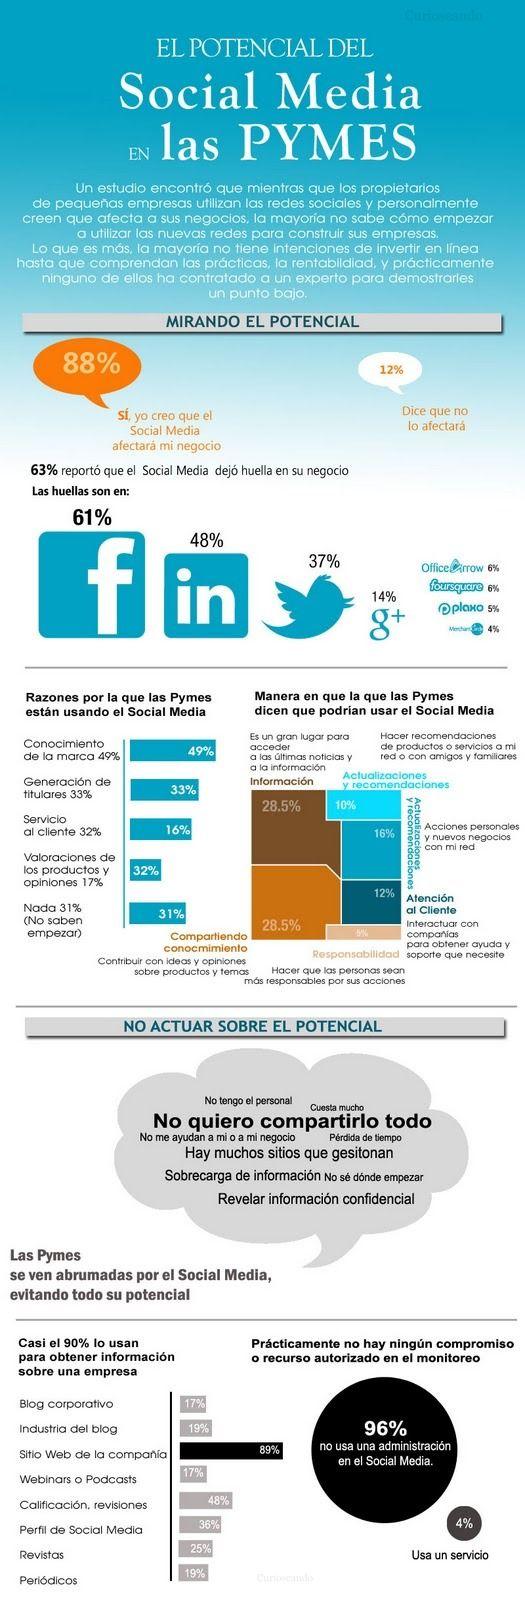 El potencial de las redes sociales para las pymes